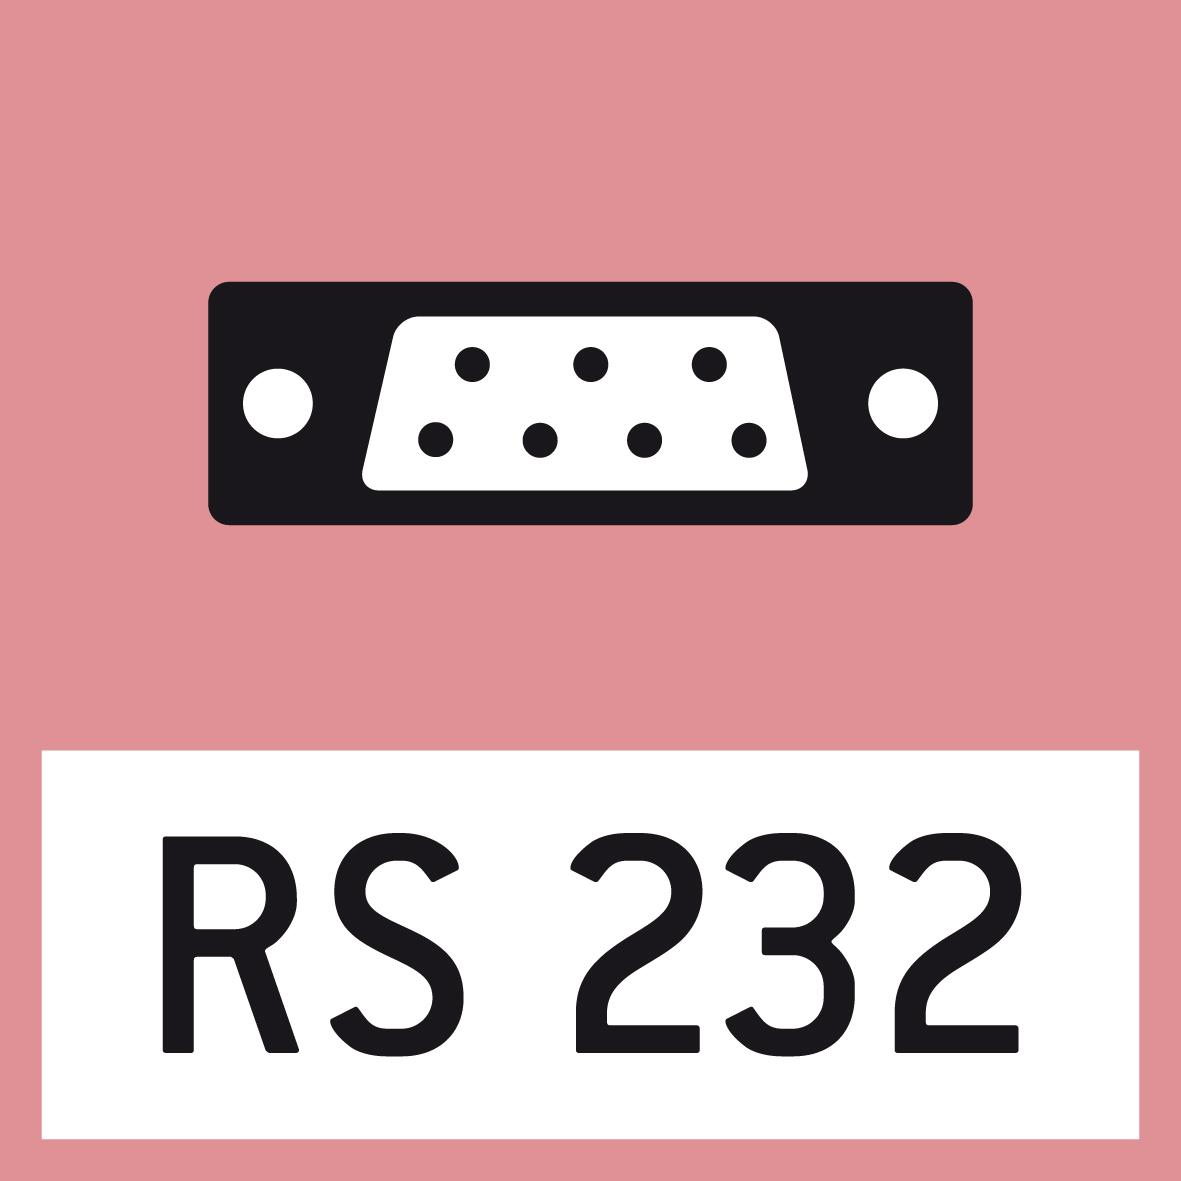 Datenschnittstelle RS-232: Zum Anschluss der Waage an einen Drucker, PC oder Netzwerk.